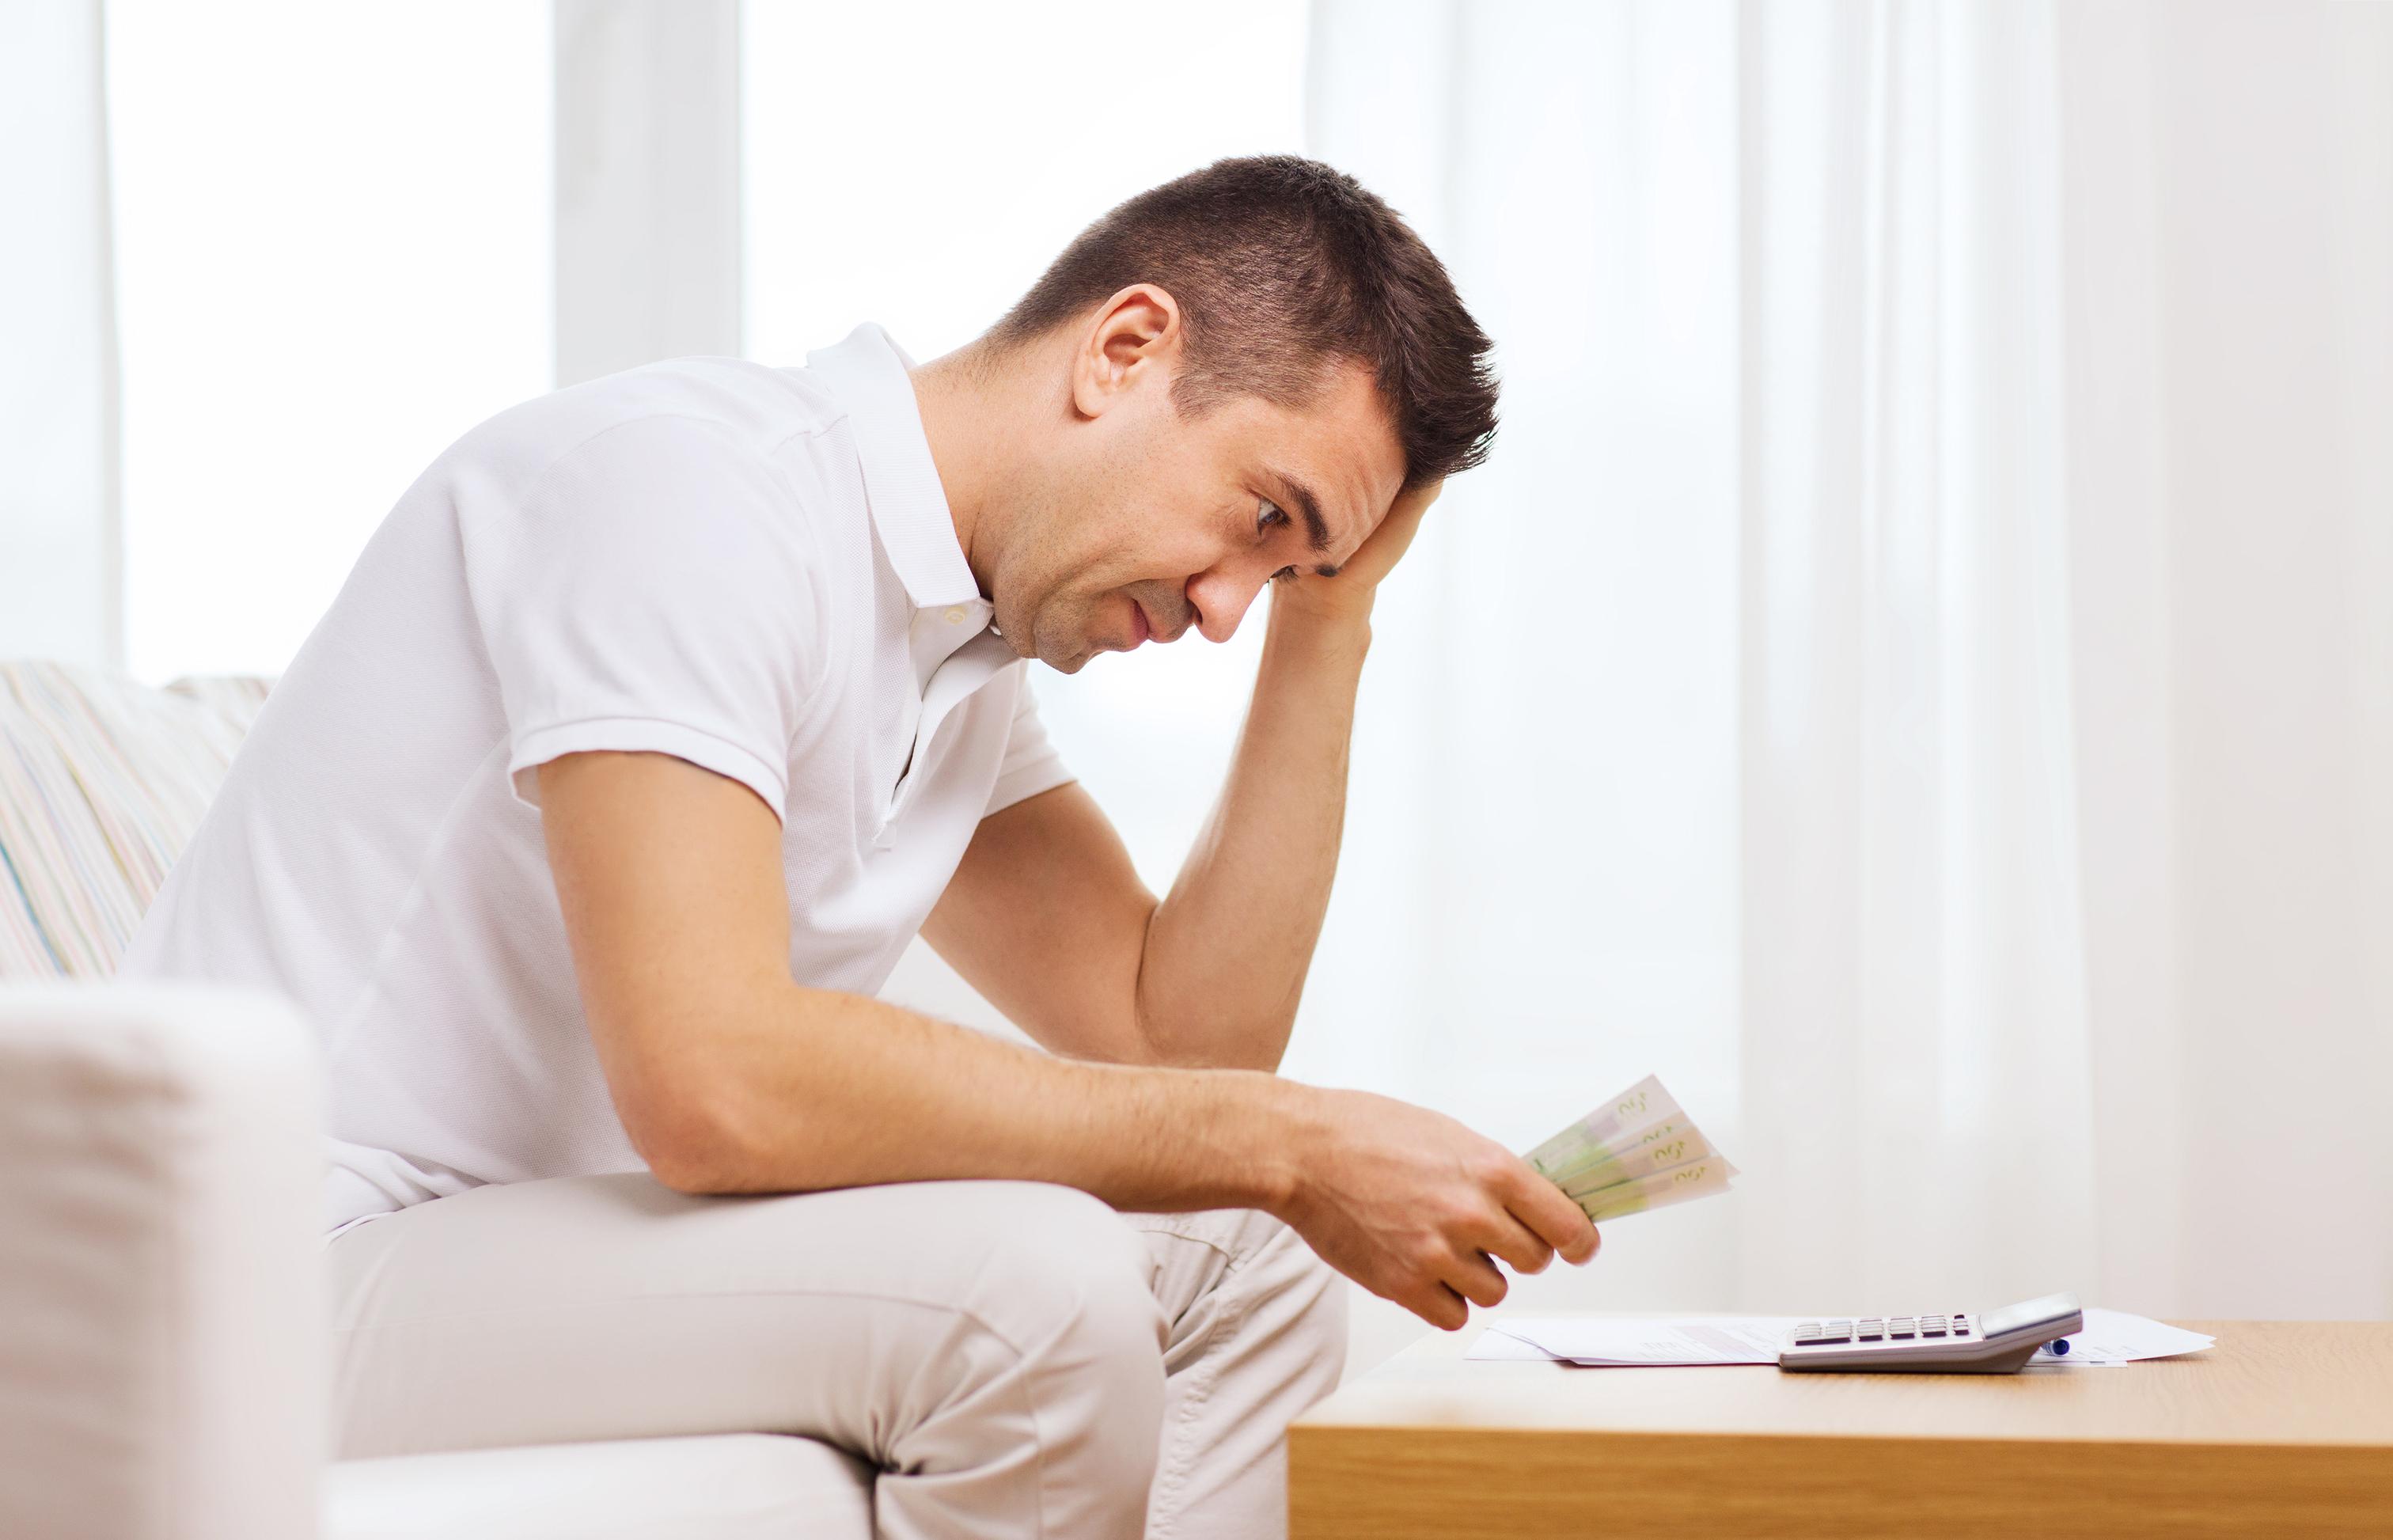 Картинки финансовые проблемы